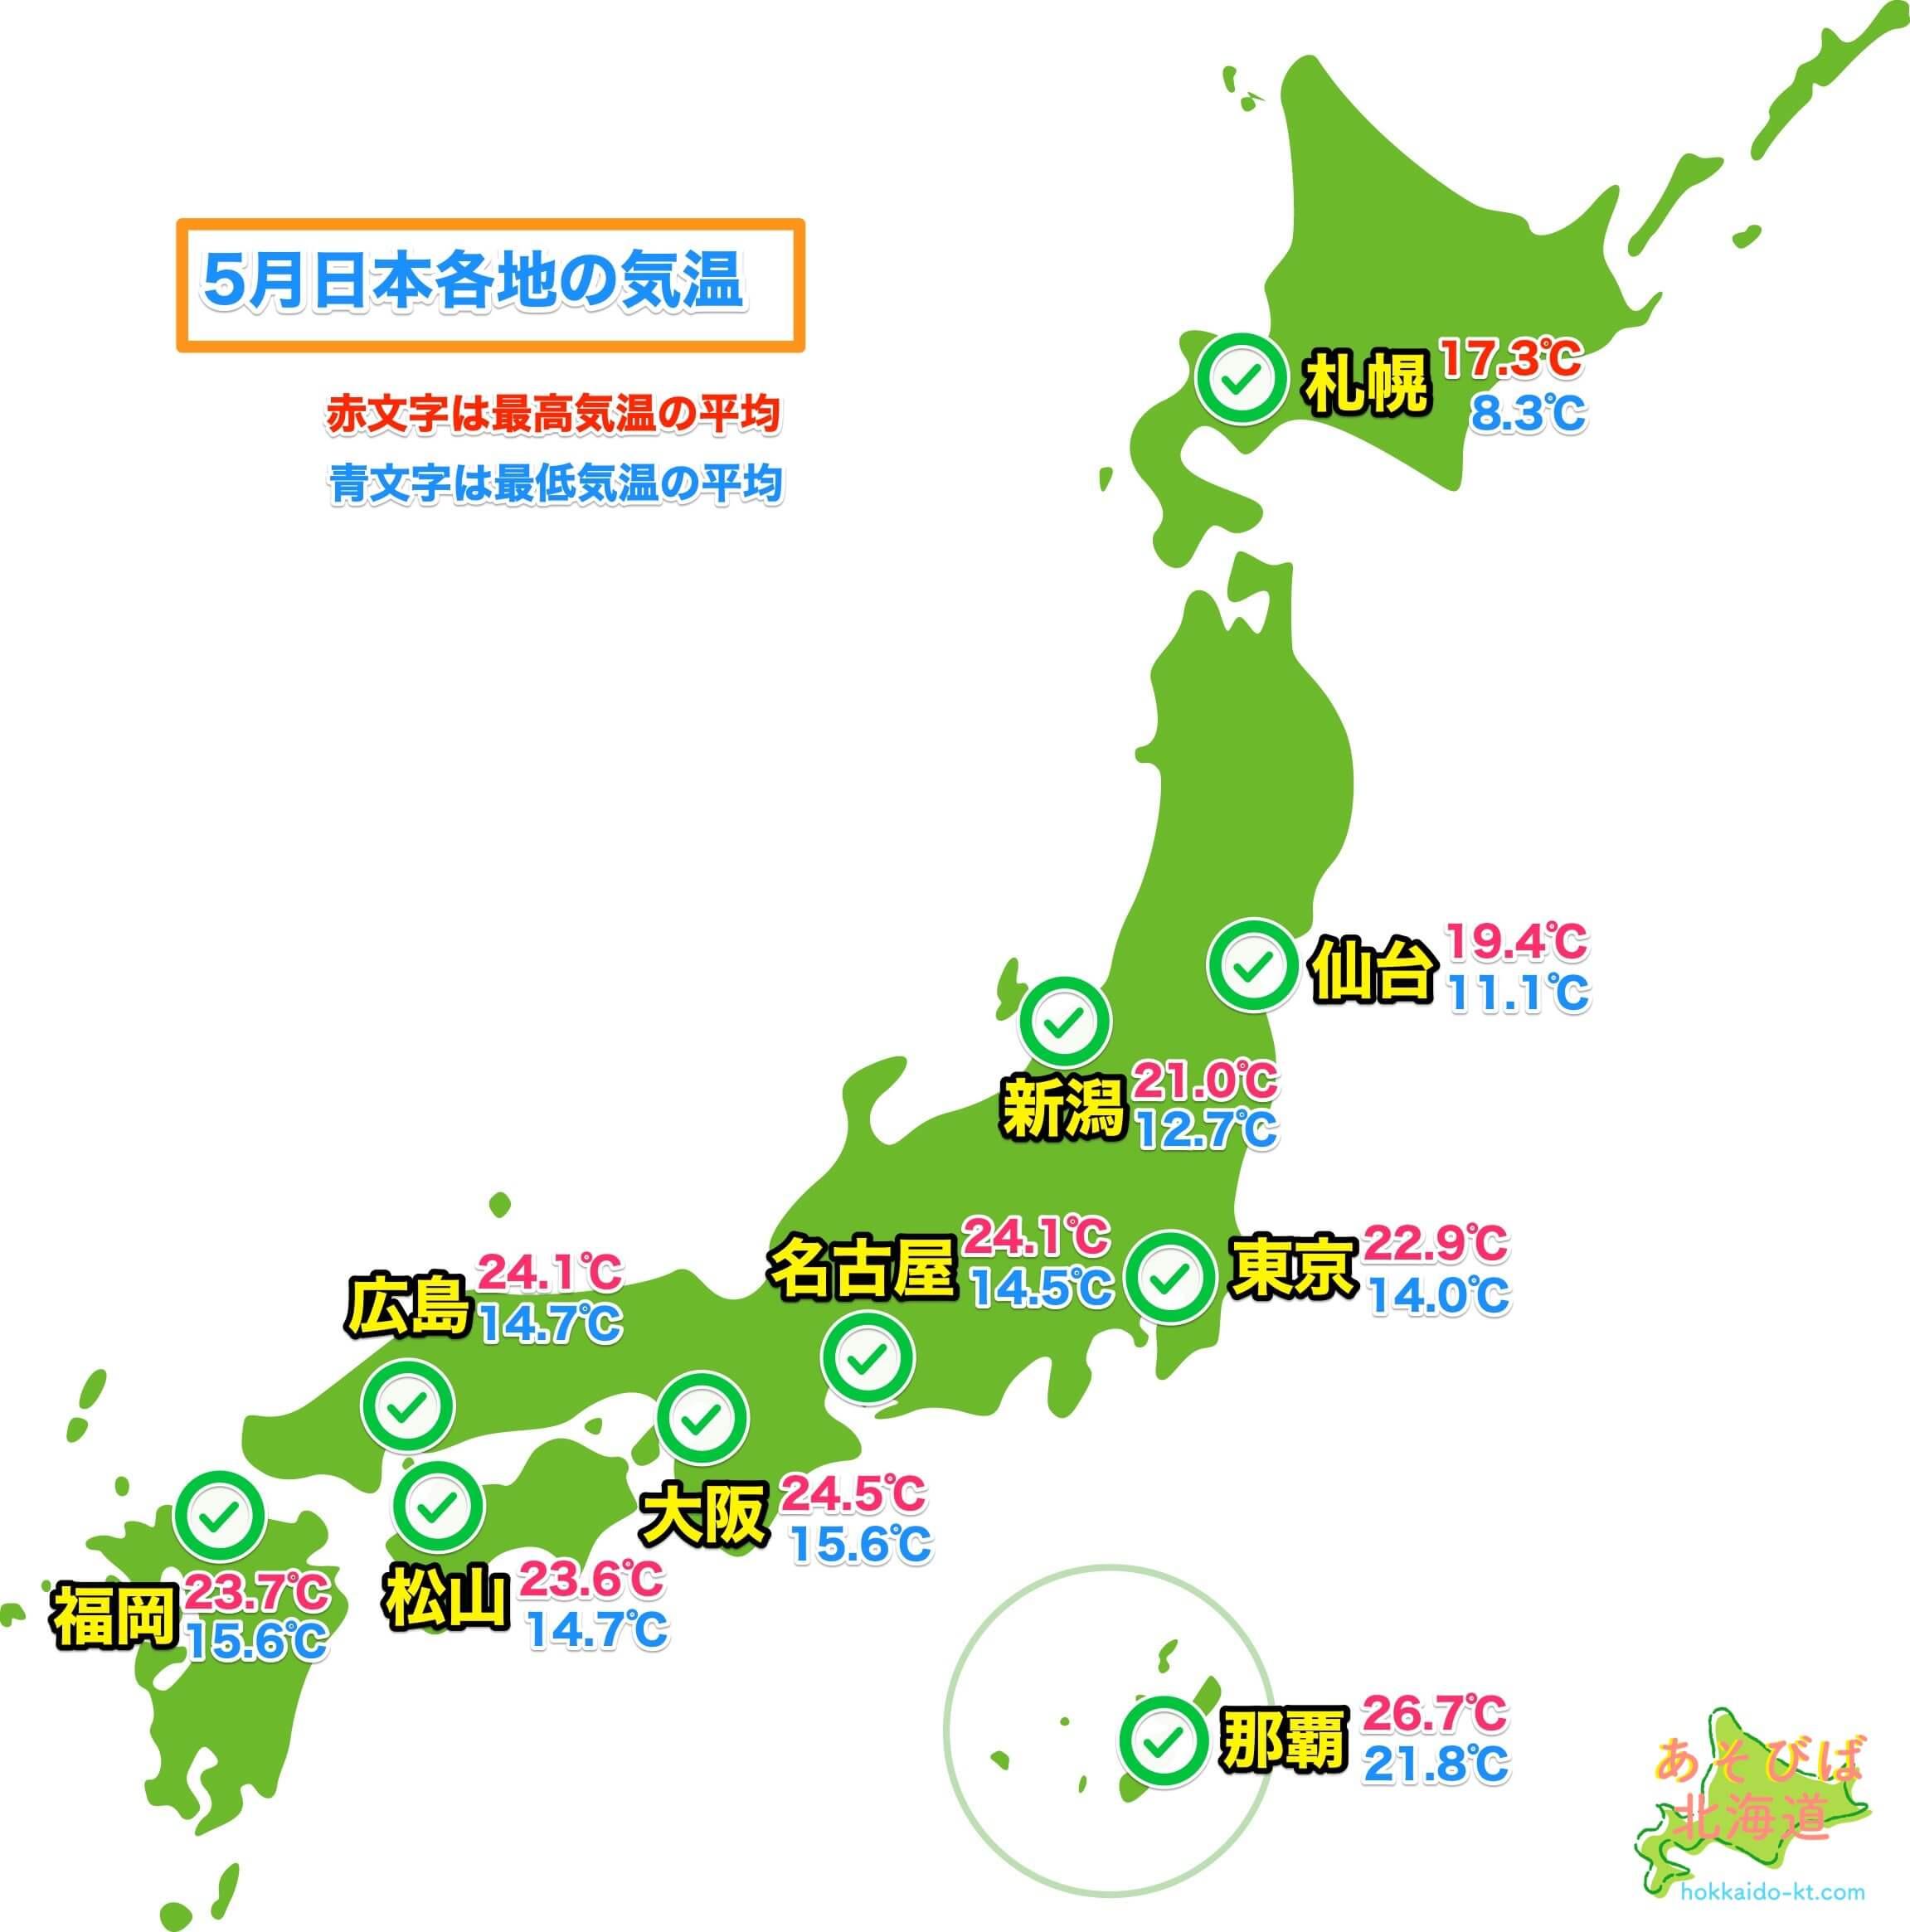 5月の日本各地の気温